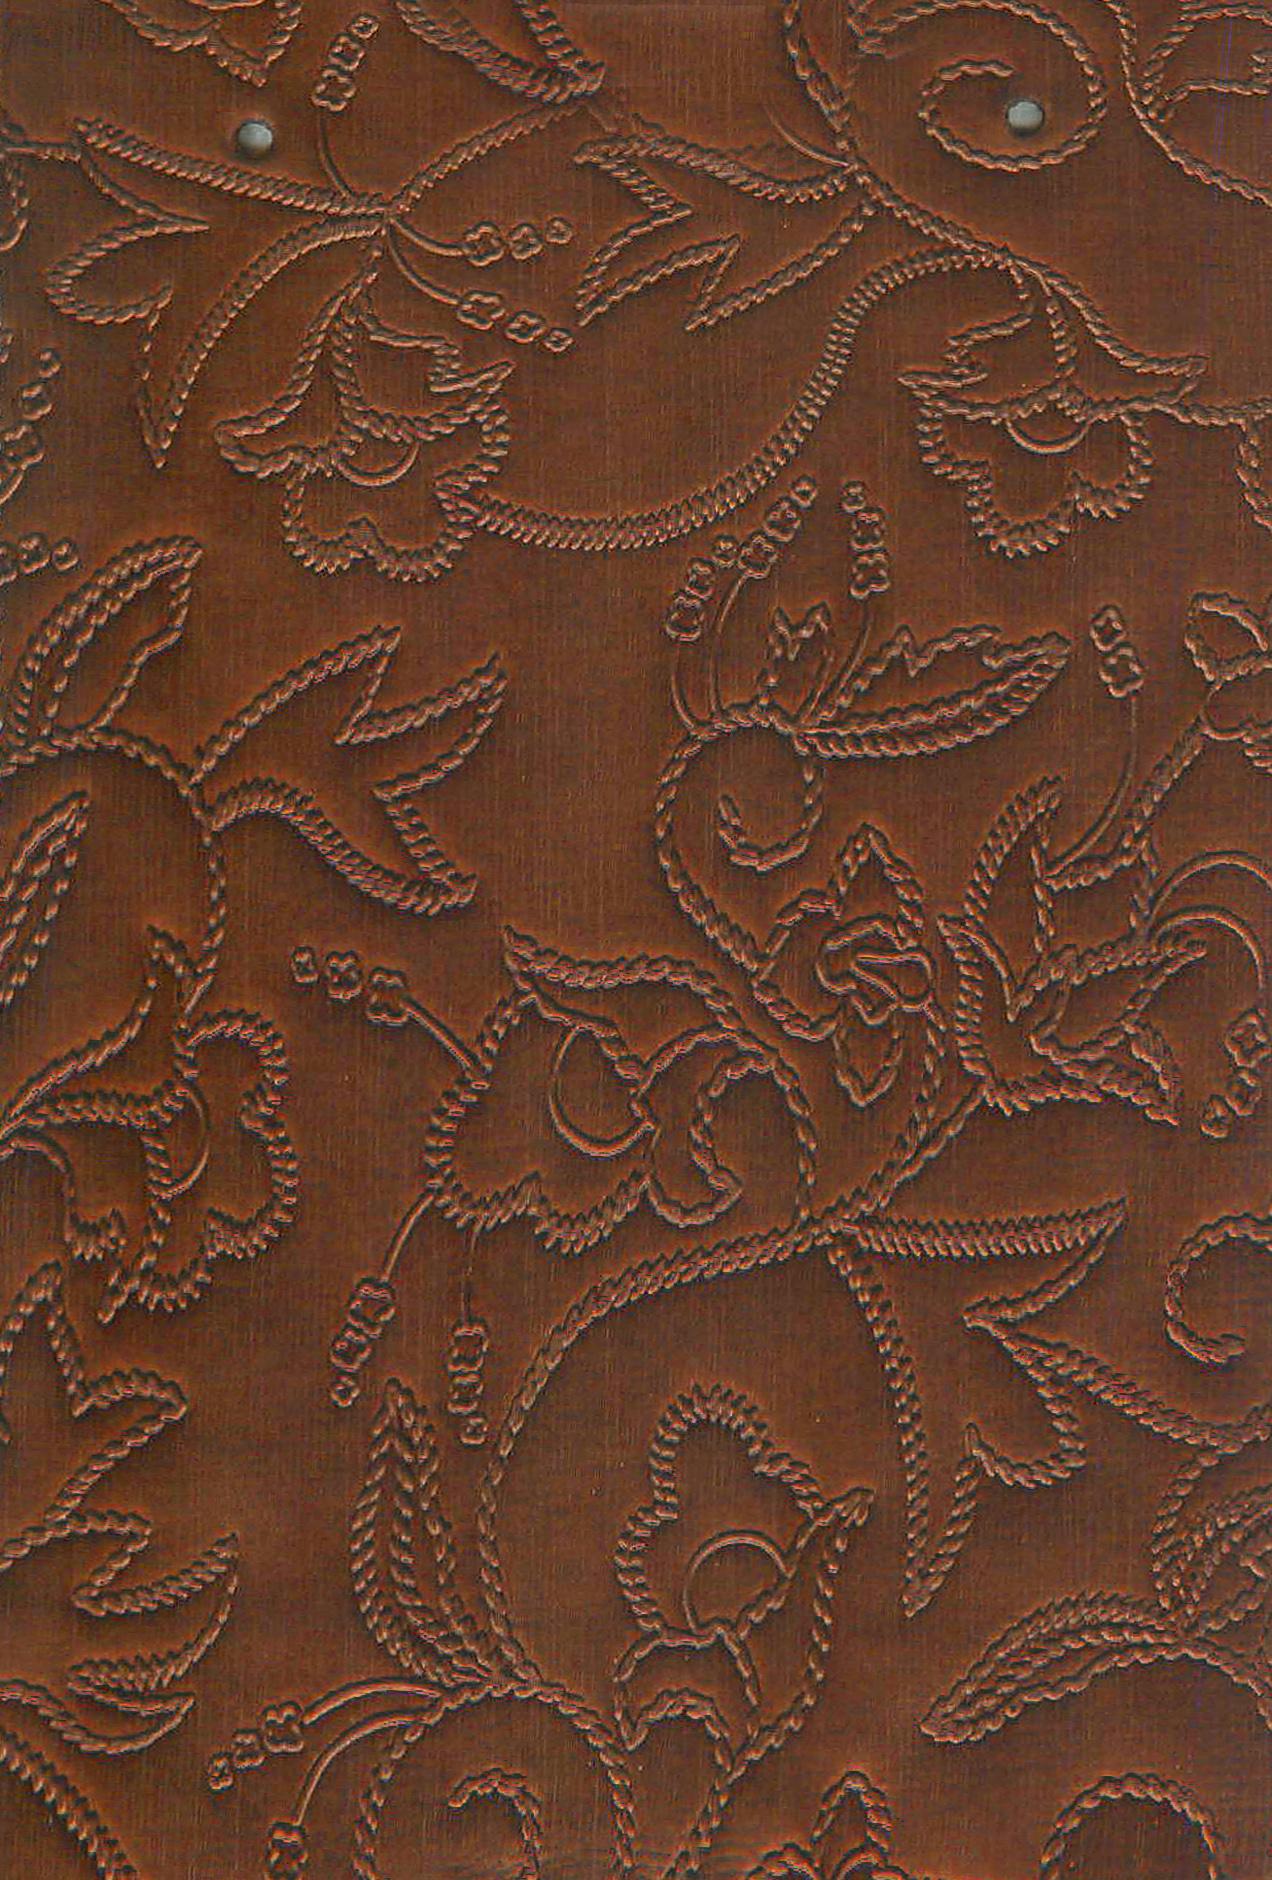 образец кожи цветы 3173